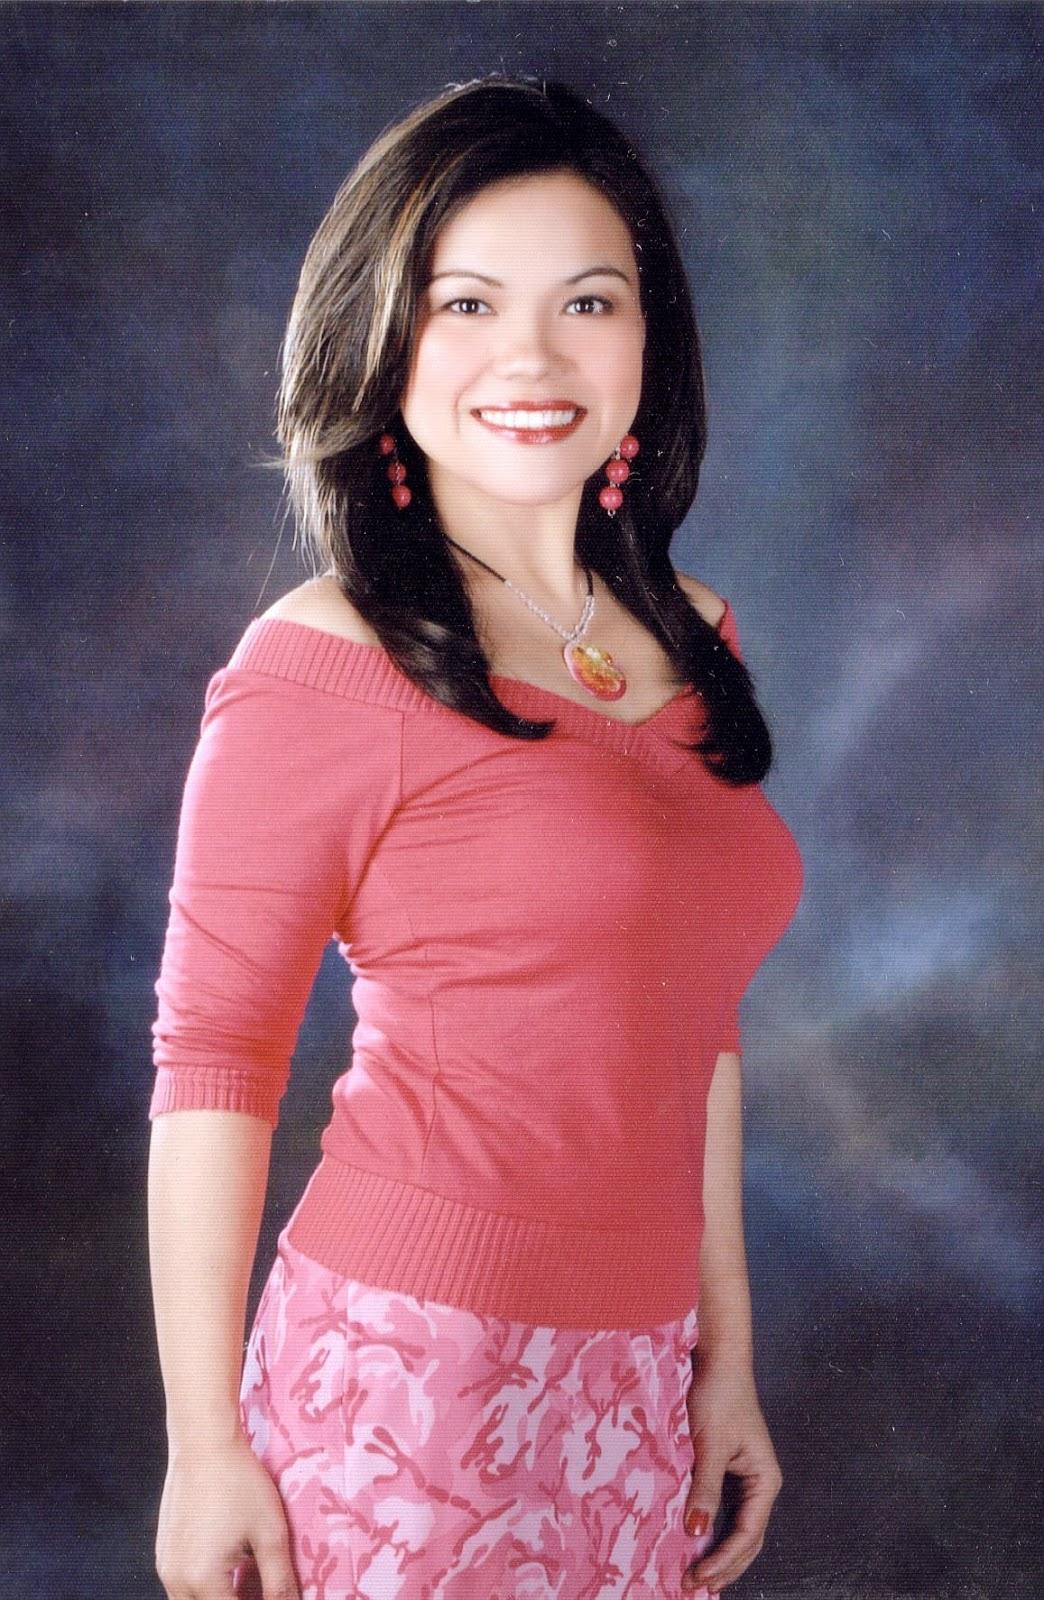 filipino-girls-make-beautiful-wives